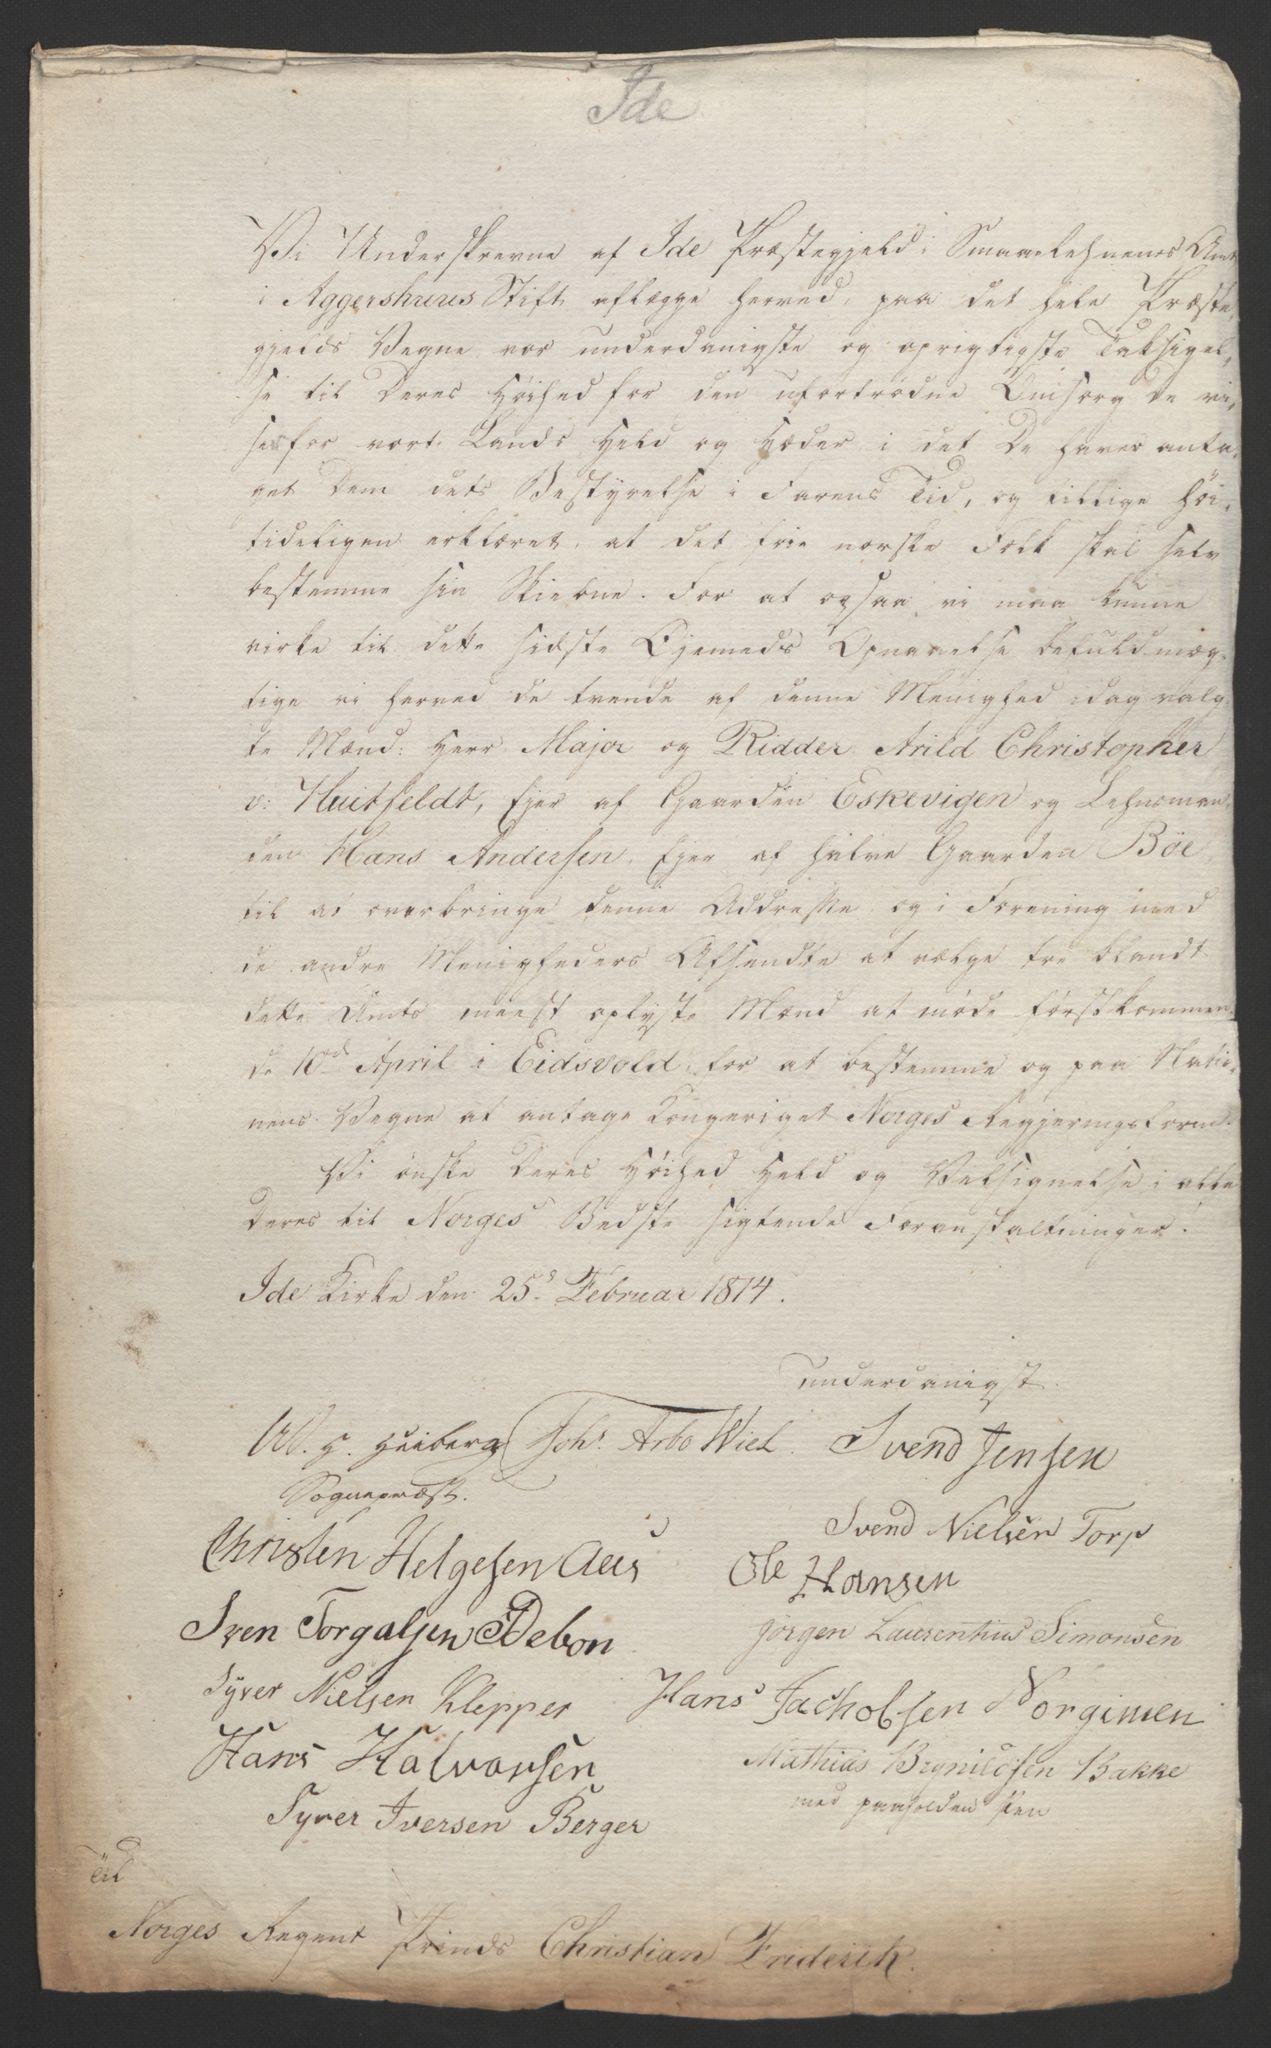 RA, Statsrådssekretariatet, D/Db/L0007: Fullmakter for Eidsvollsrepresentantene i 1814. , 1814, s. 152